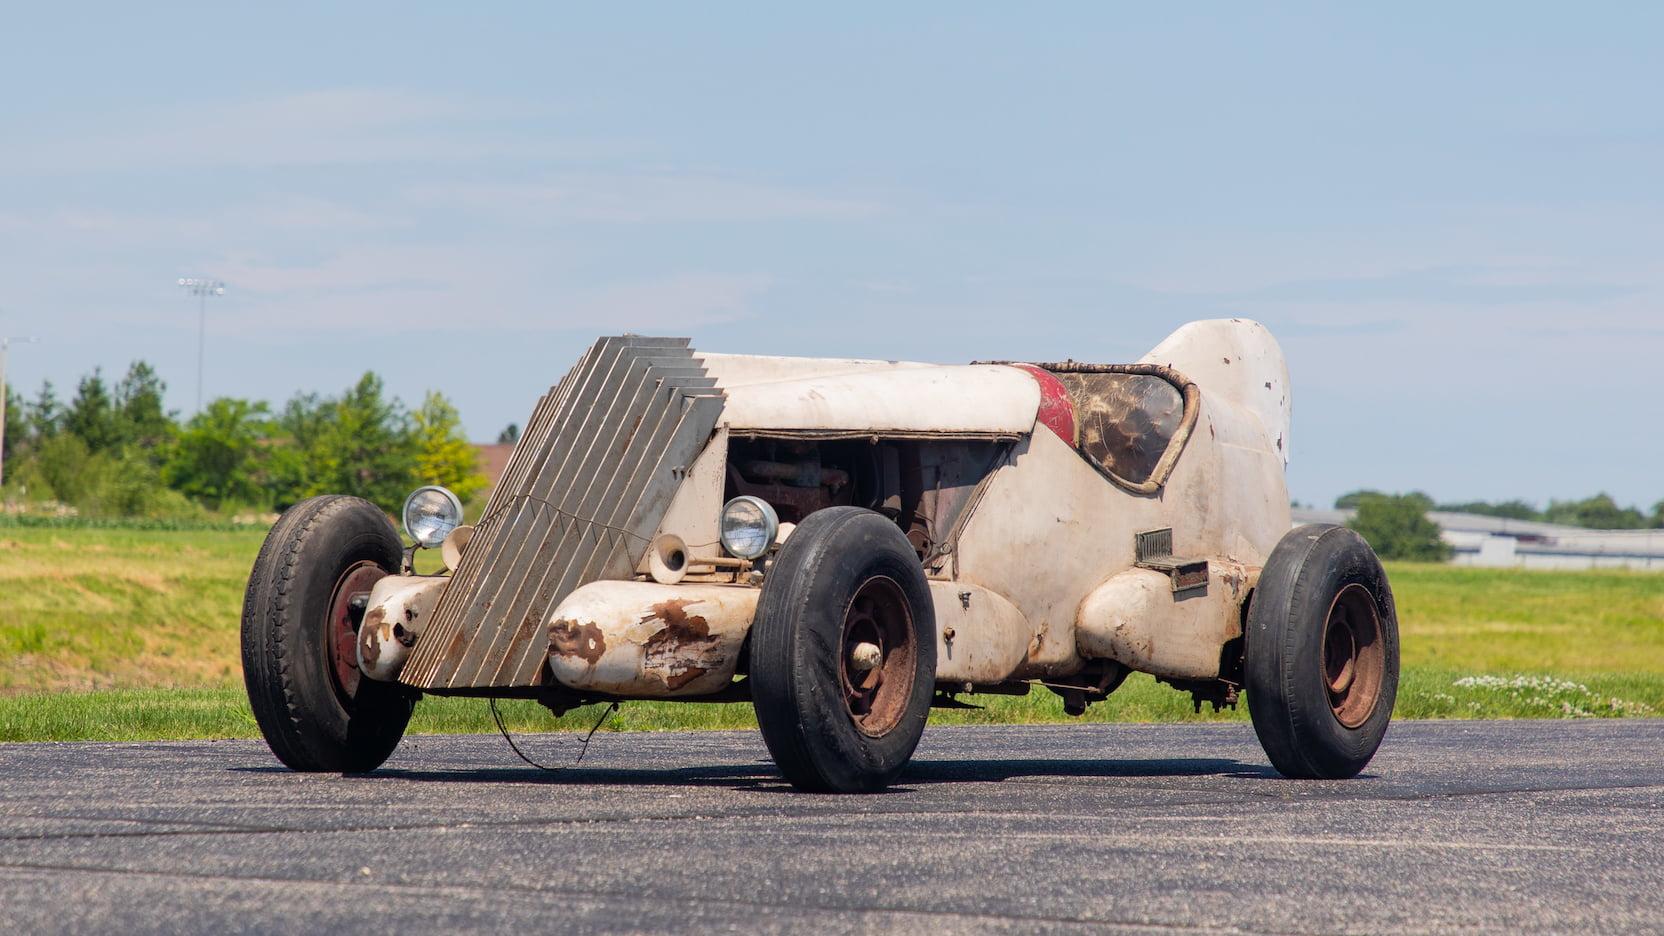 1933 Chevrolet Alex Tremulis Design Car